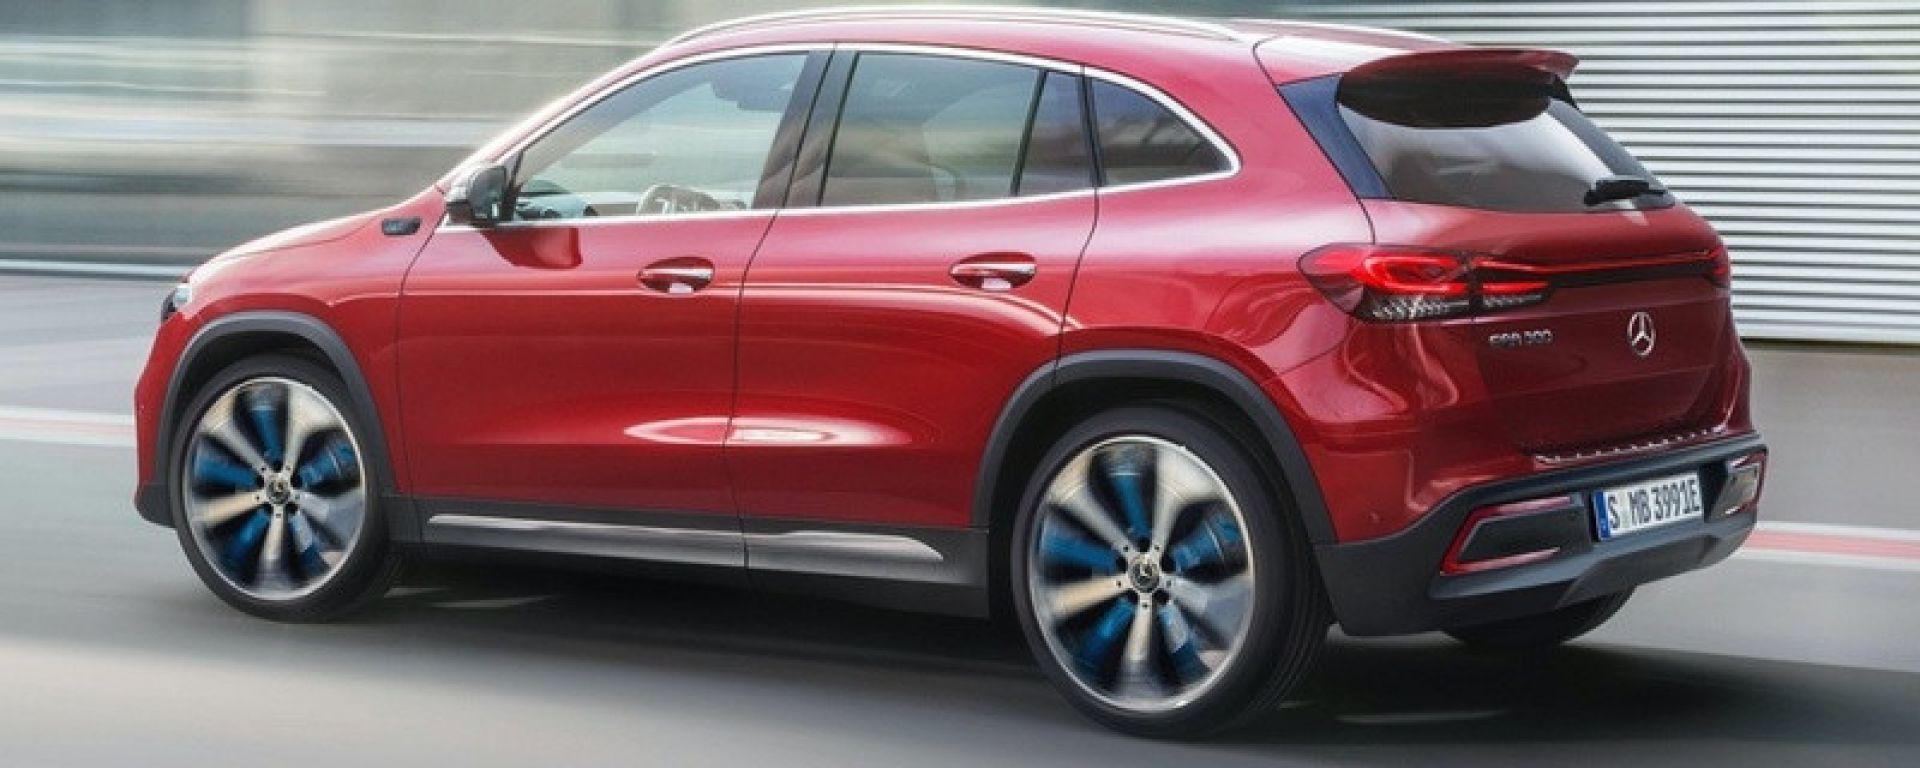 Mercedes EQA: rimandato il lancio al 2021